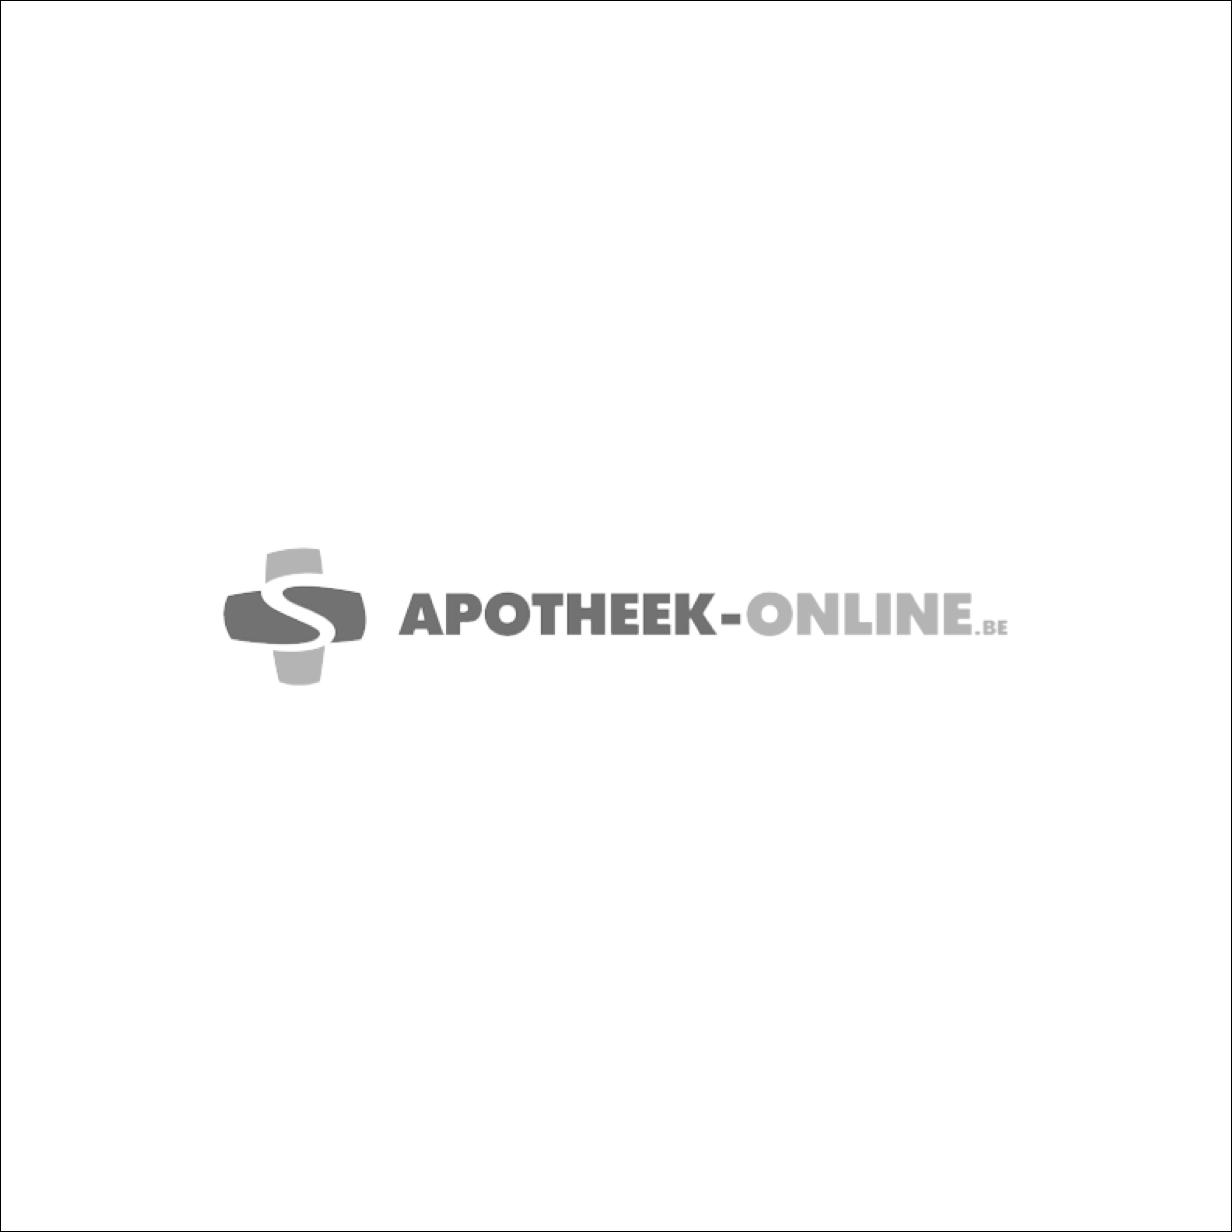 Bota Handpolsband + Duim 100 Skin N4 1 Stuk